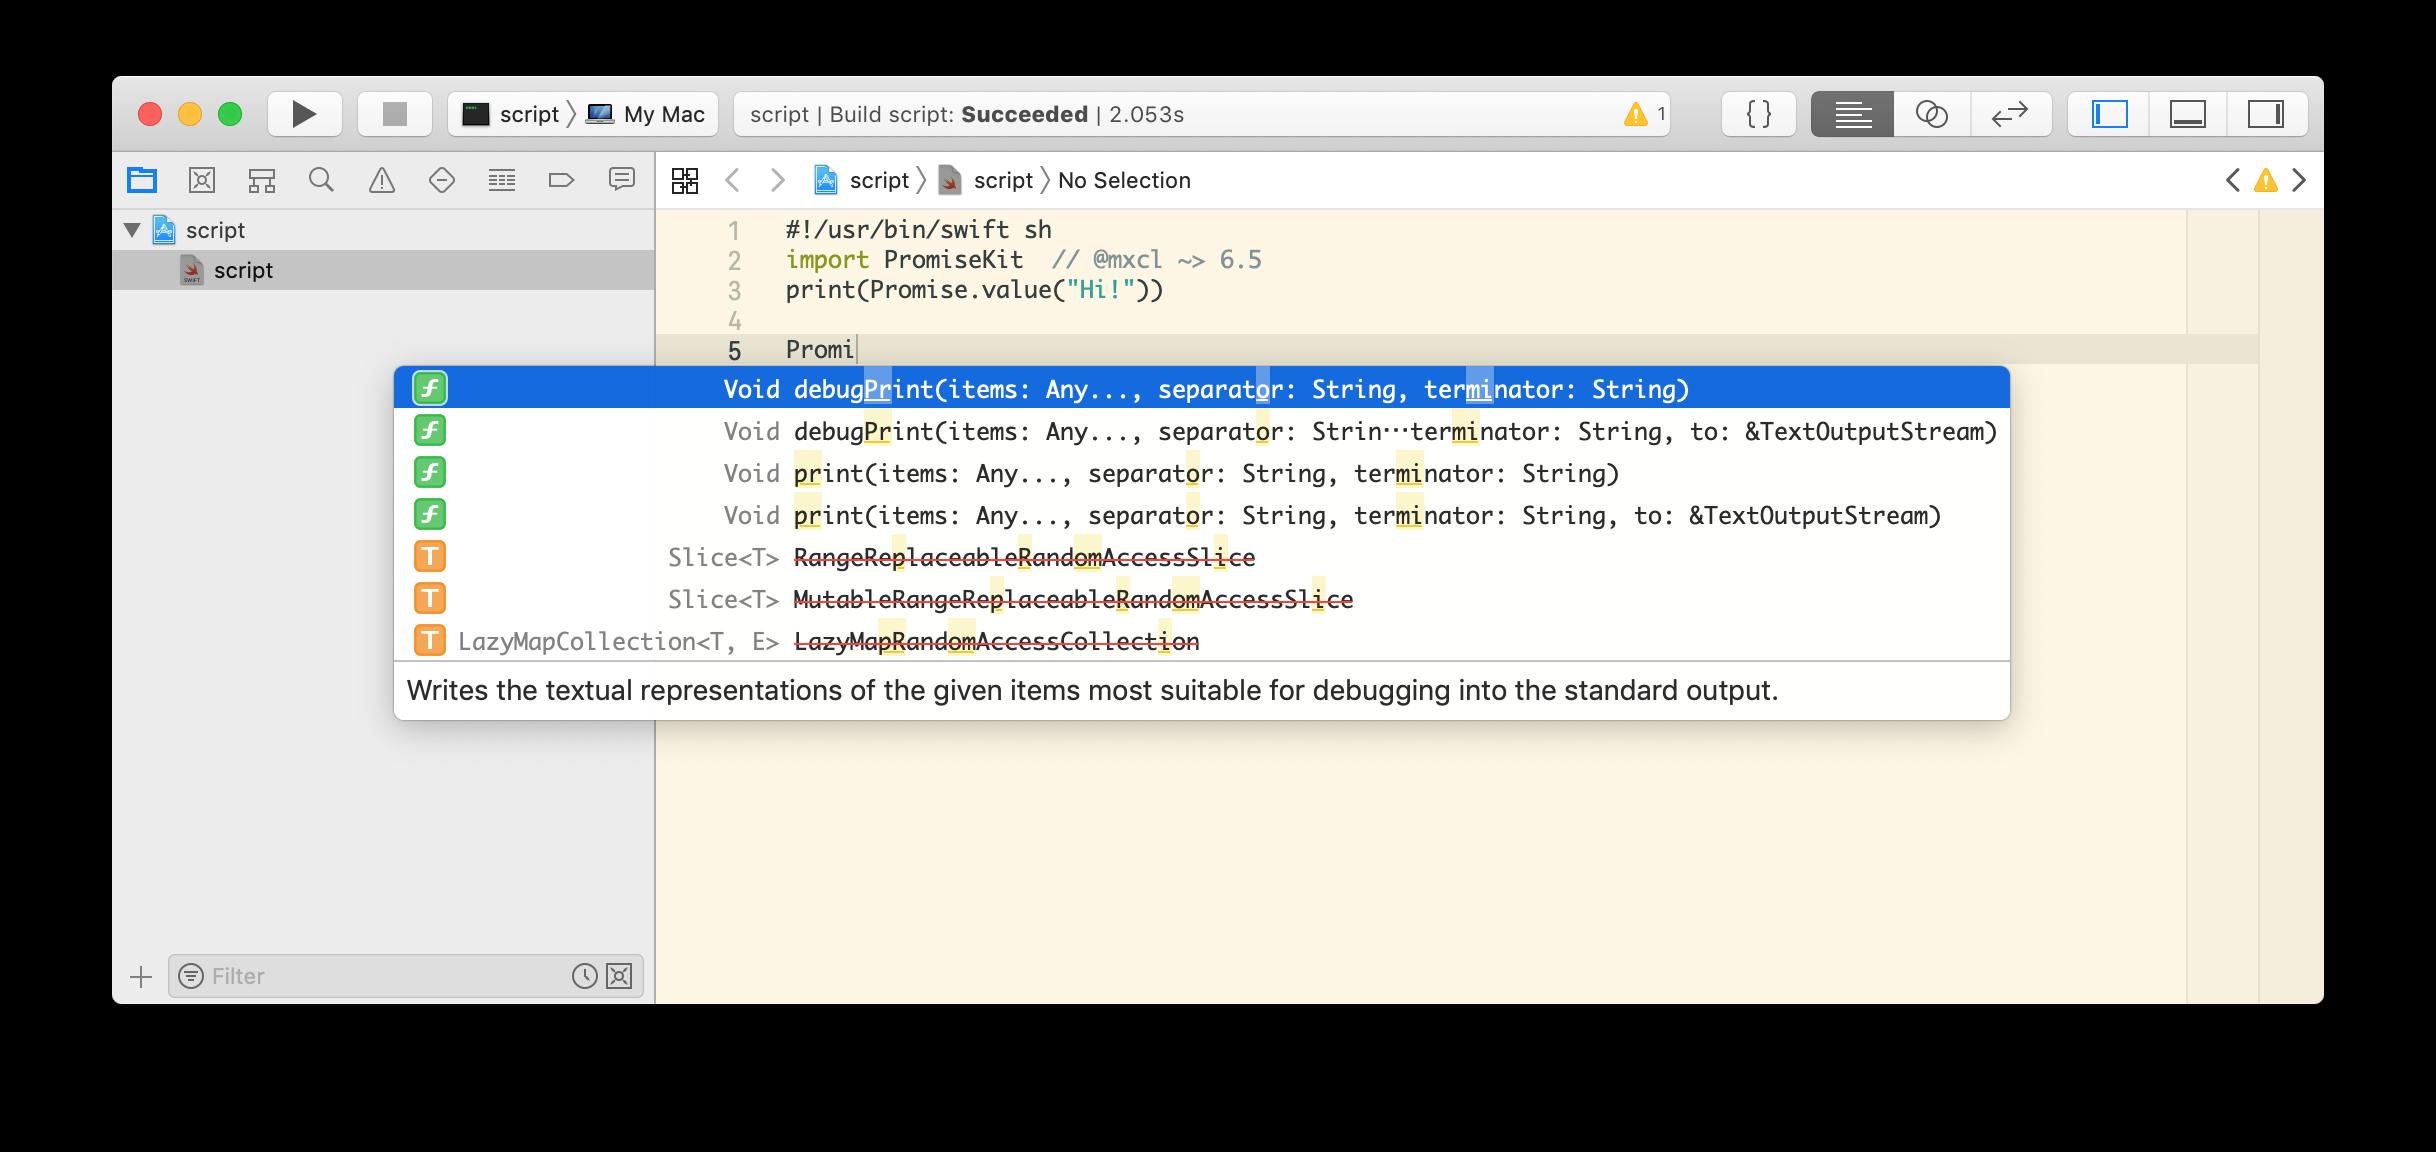 xcode-scheme-script